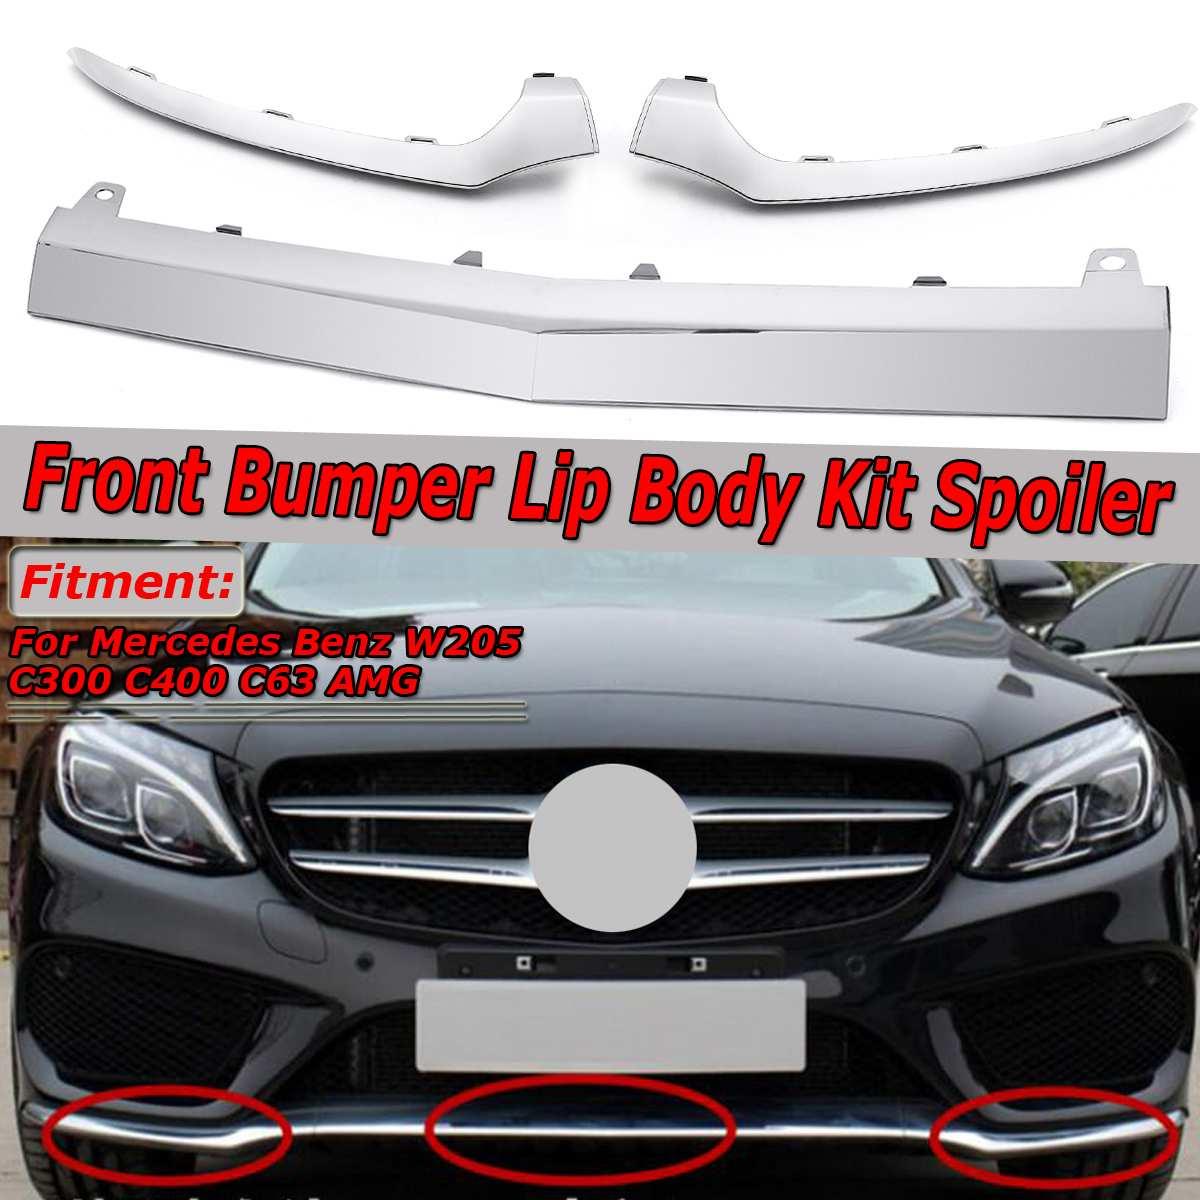 الكروم/أسود سيارة الجبهة السفلى حافة مصد السيارة الفاصل كروم صب غطاء الكسوة لمرسيدس لبنز W205 C300 C400 C63 ل AMG